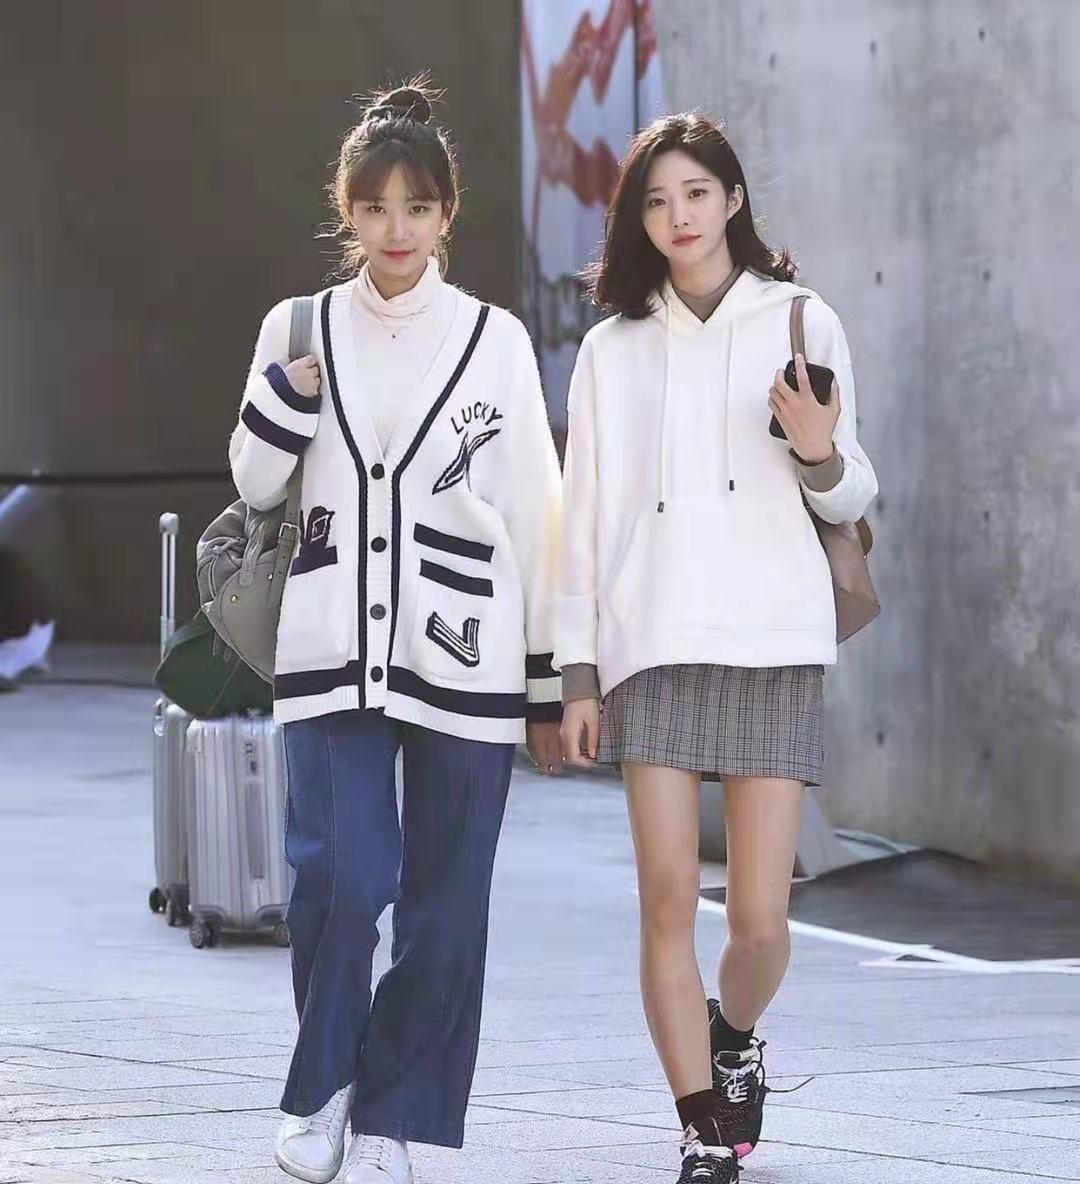 還是韓國街拍最自然,一點也不辣眼睛!穿搭簡約時尚值得借鏡 形象穿搭 第2張